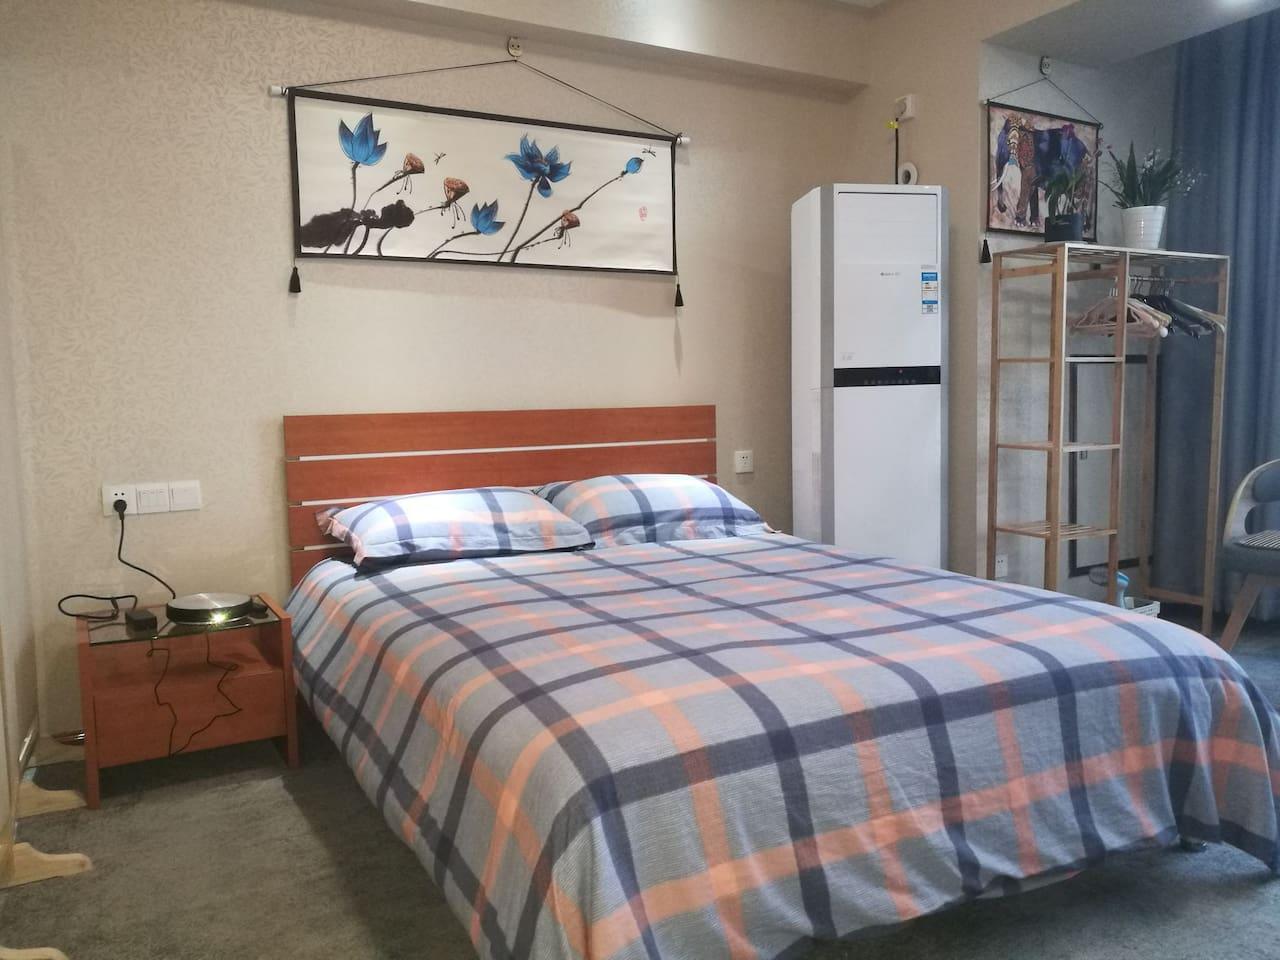 舒适的红苹果大床,空调柜机,坚果G7